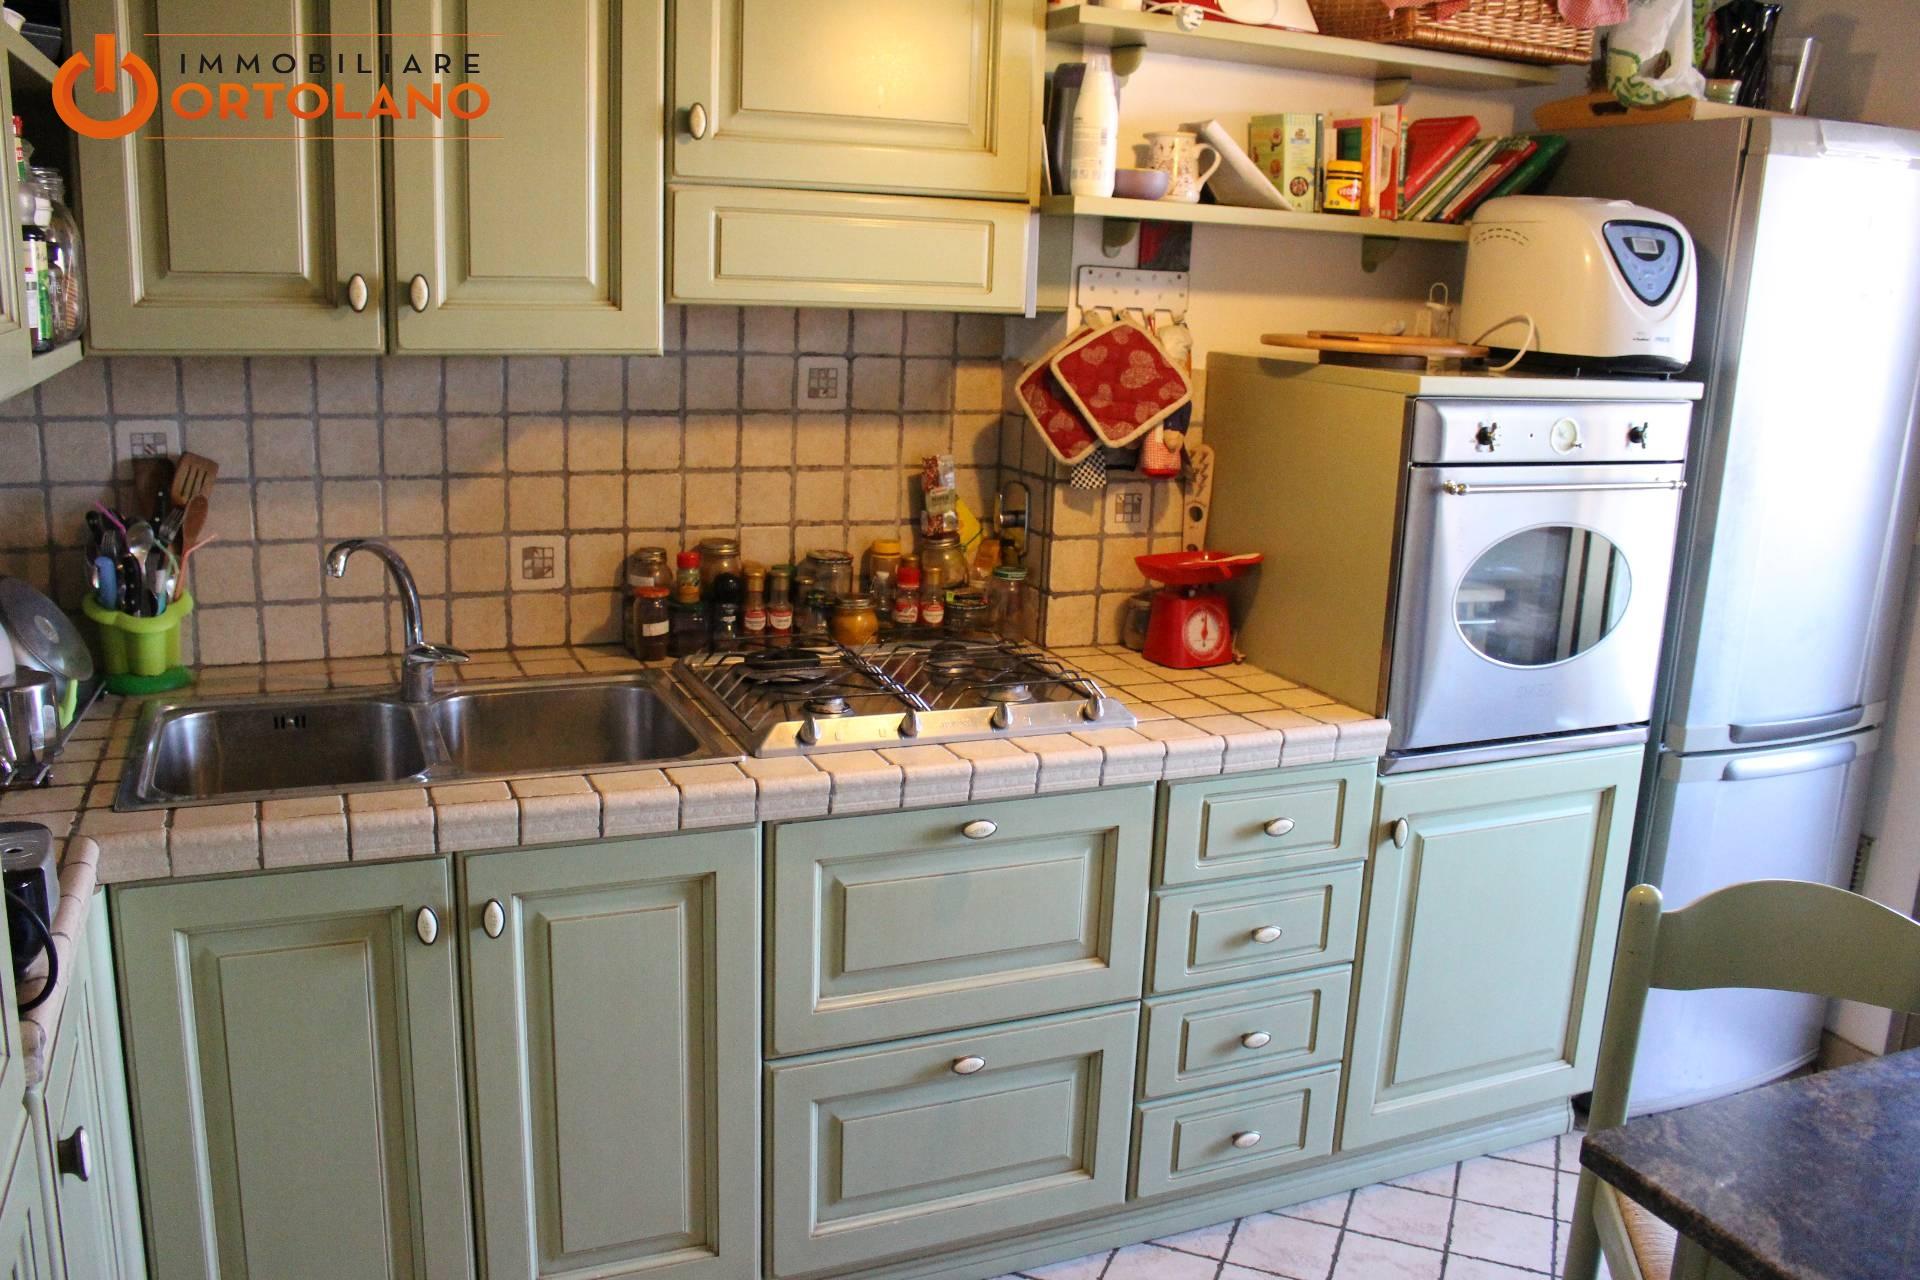 Appartamento in vendita a Turriaco, 4 locali, prezzo € 78.000 | CambioCasa.it